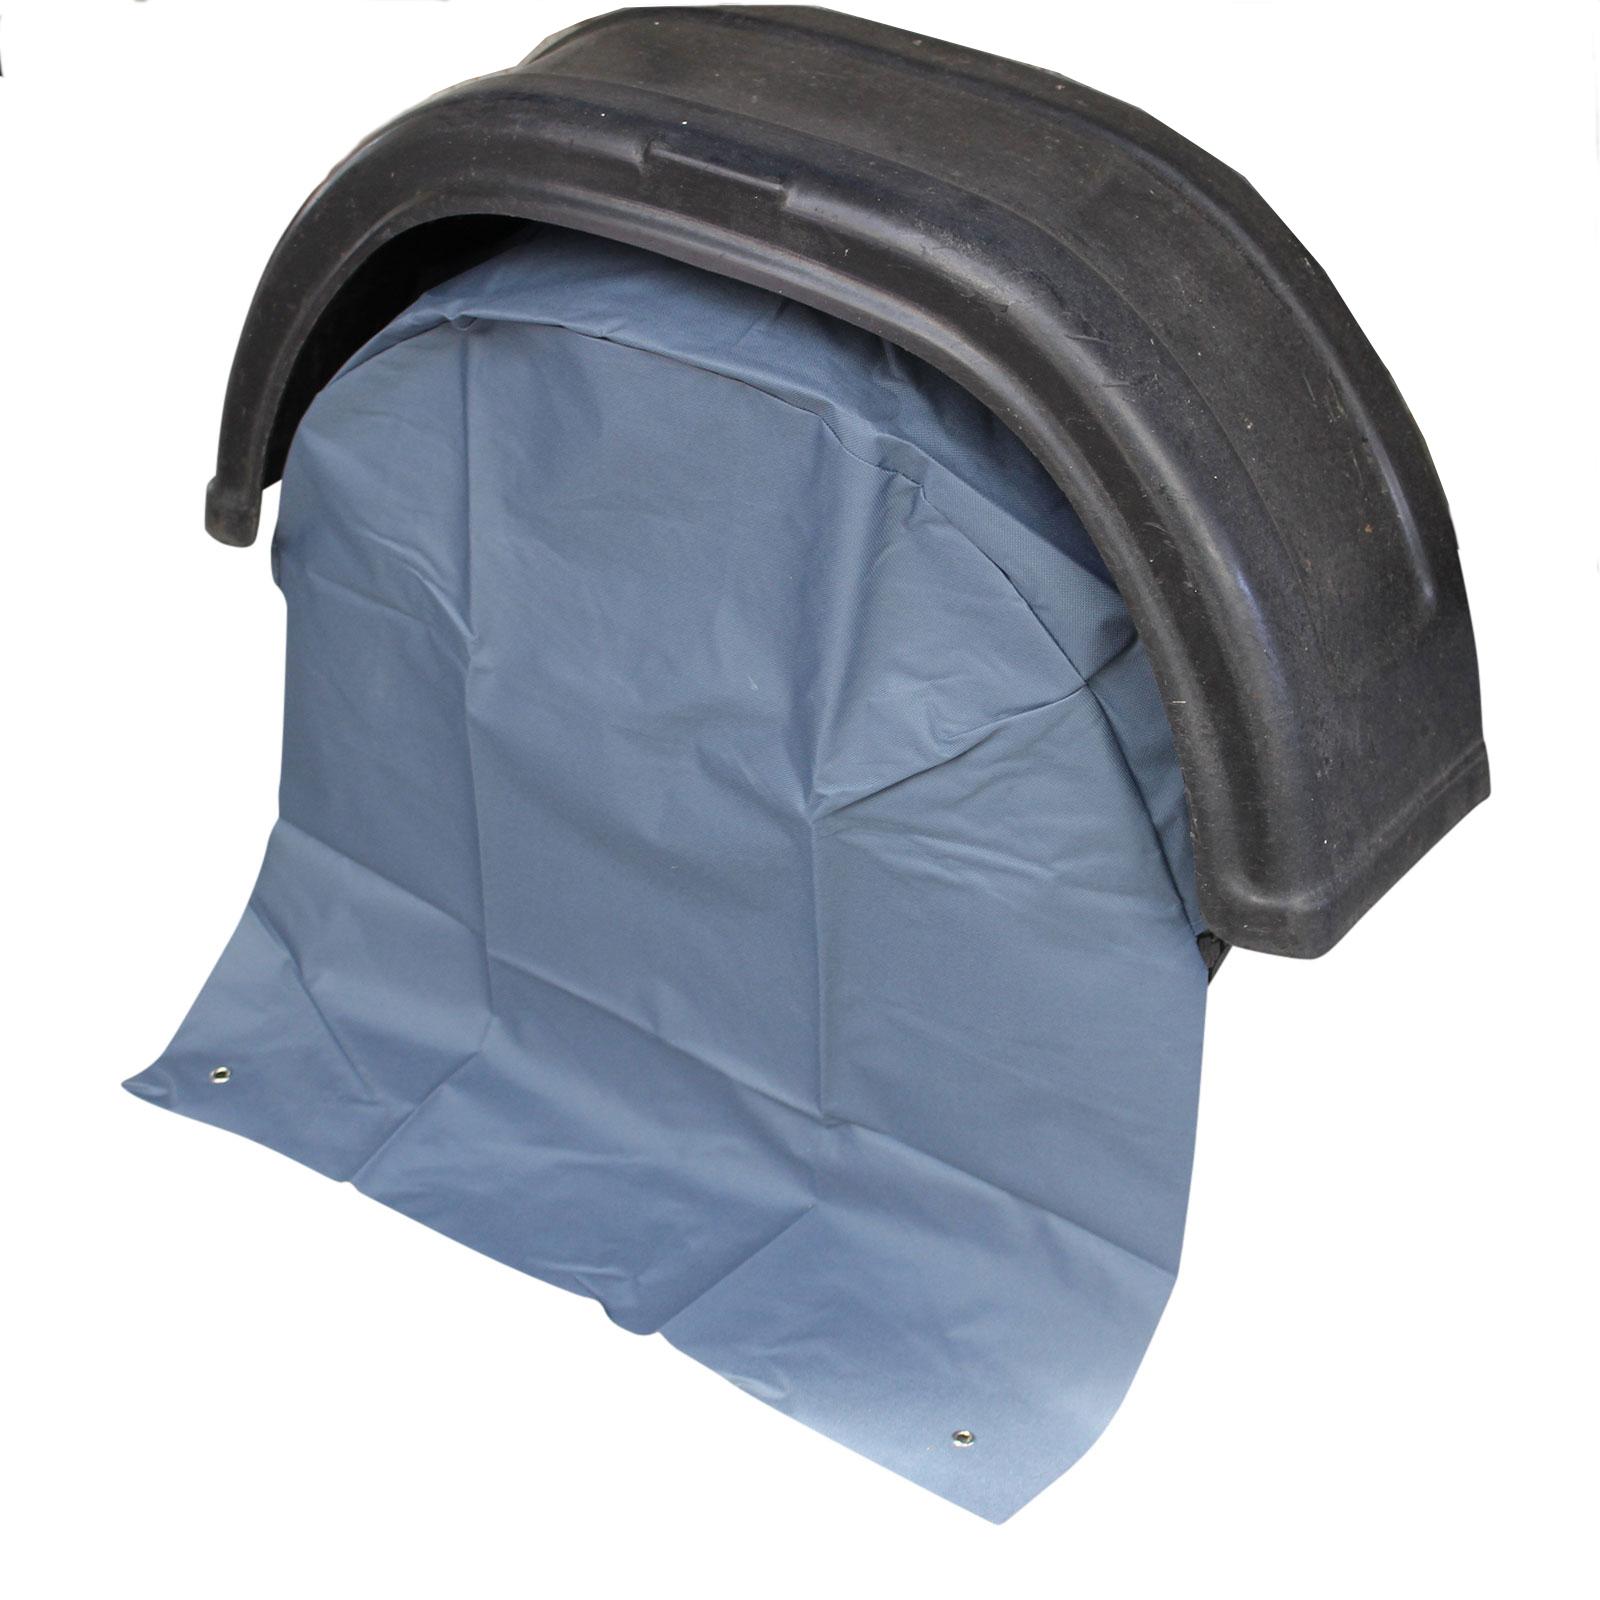 Wohnwagen Radabdeckung grau UV Schutz Polyestergewebe mit Anker Ösen